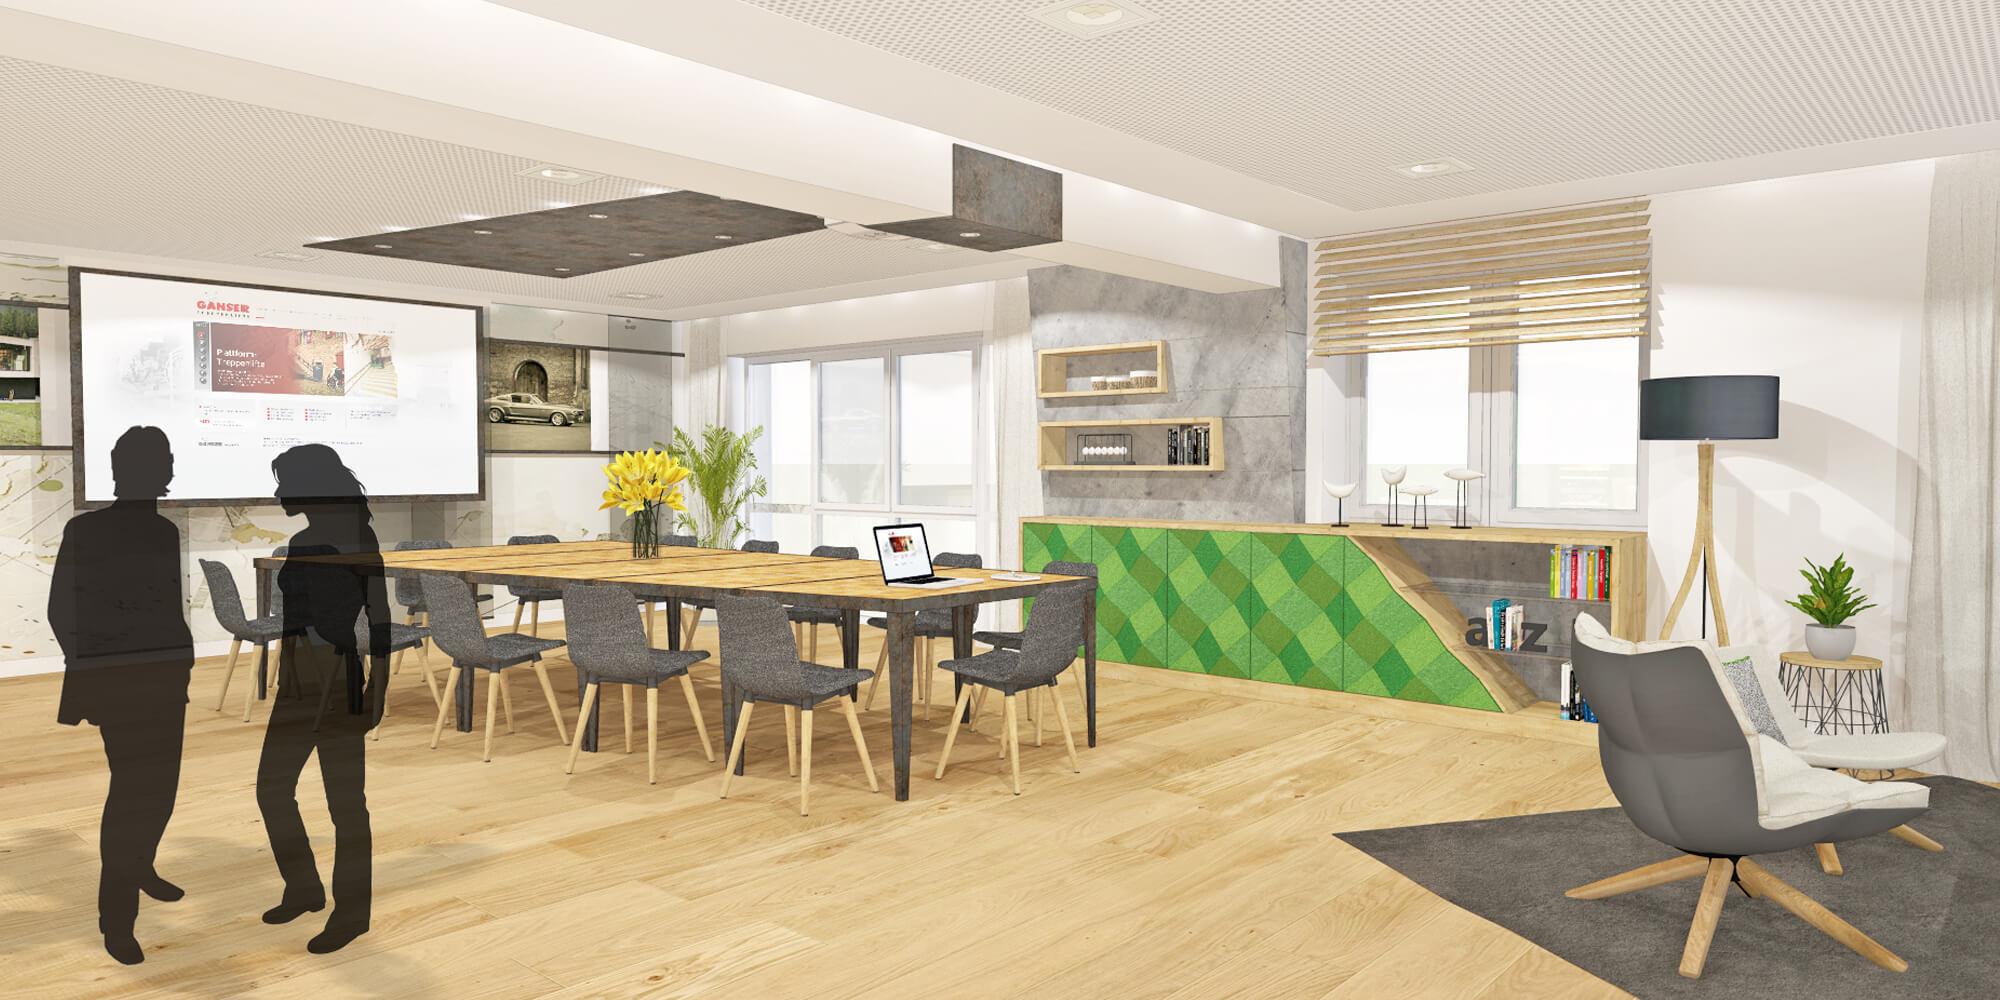 Cre-Plan-Design-Rauch-Frühmann-Architektur-Innenarchitektur-Design-Projekt-Referenz-Innenarchitektur-Möbeldesign-Einrichtung-Firma-Ganser-Seminarraum-3